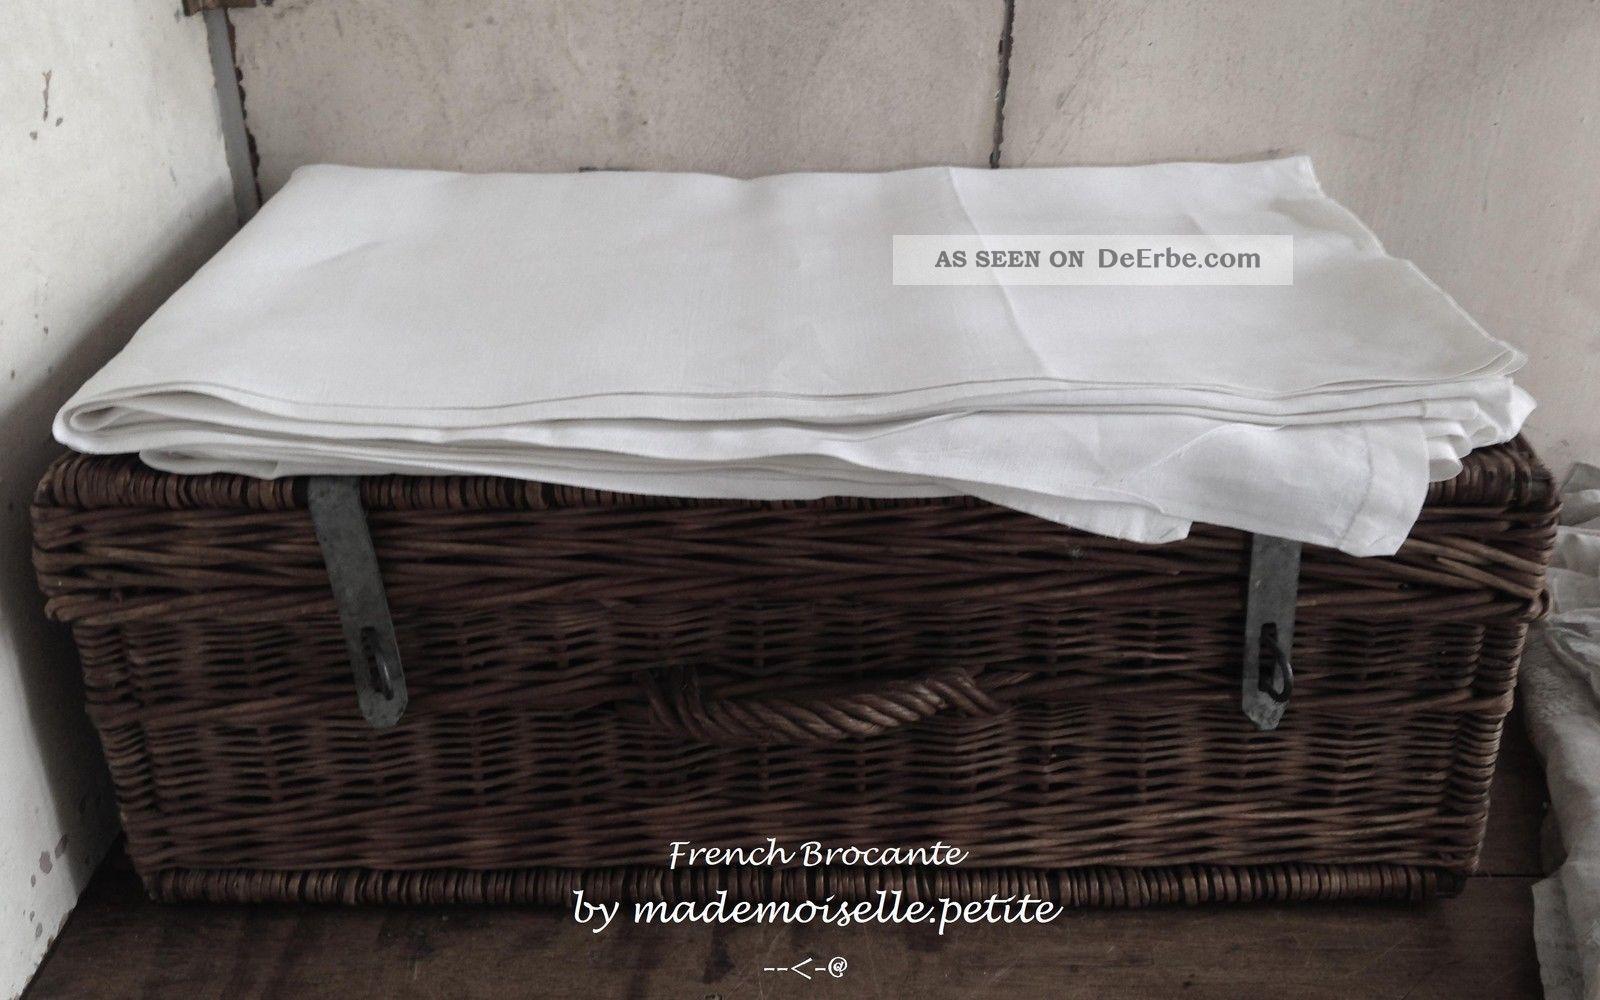 Antikes bettlaken leinenlaken leinen bett tuch for Bett und tuch